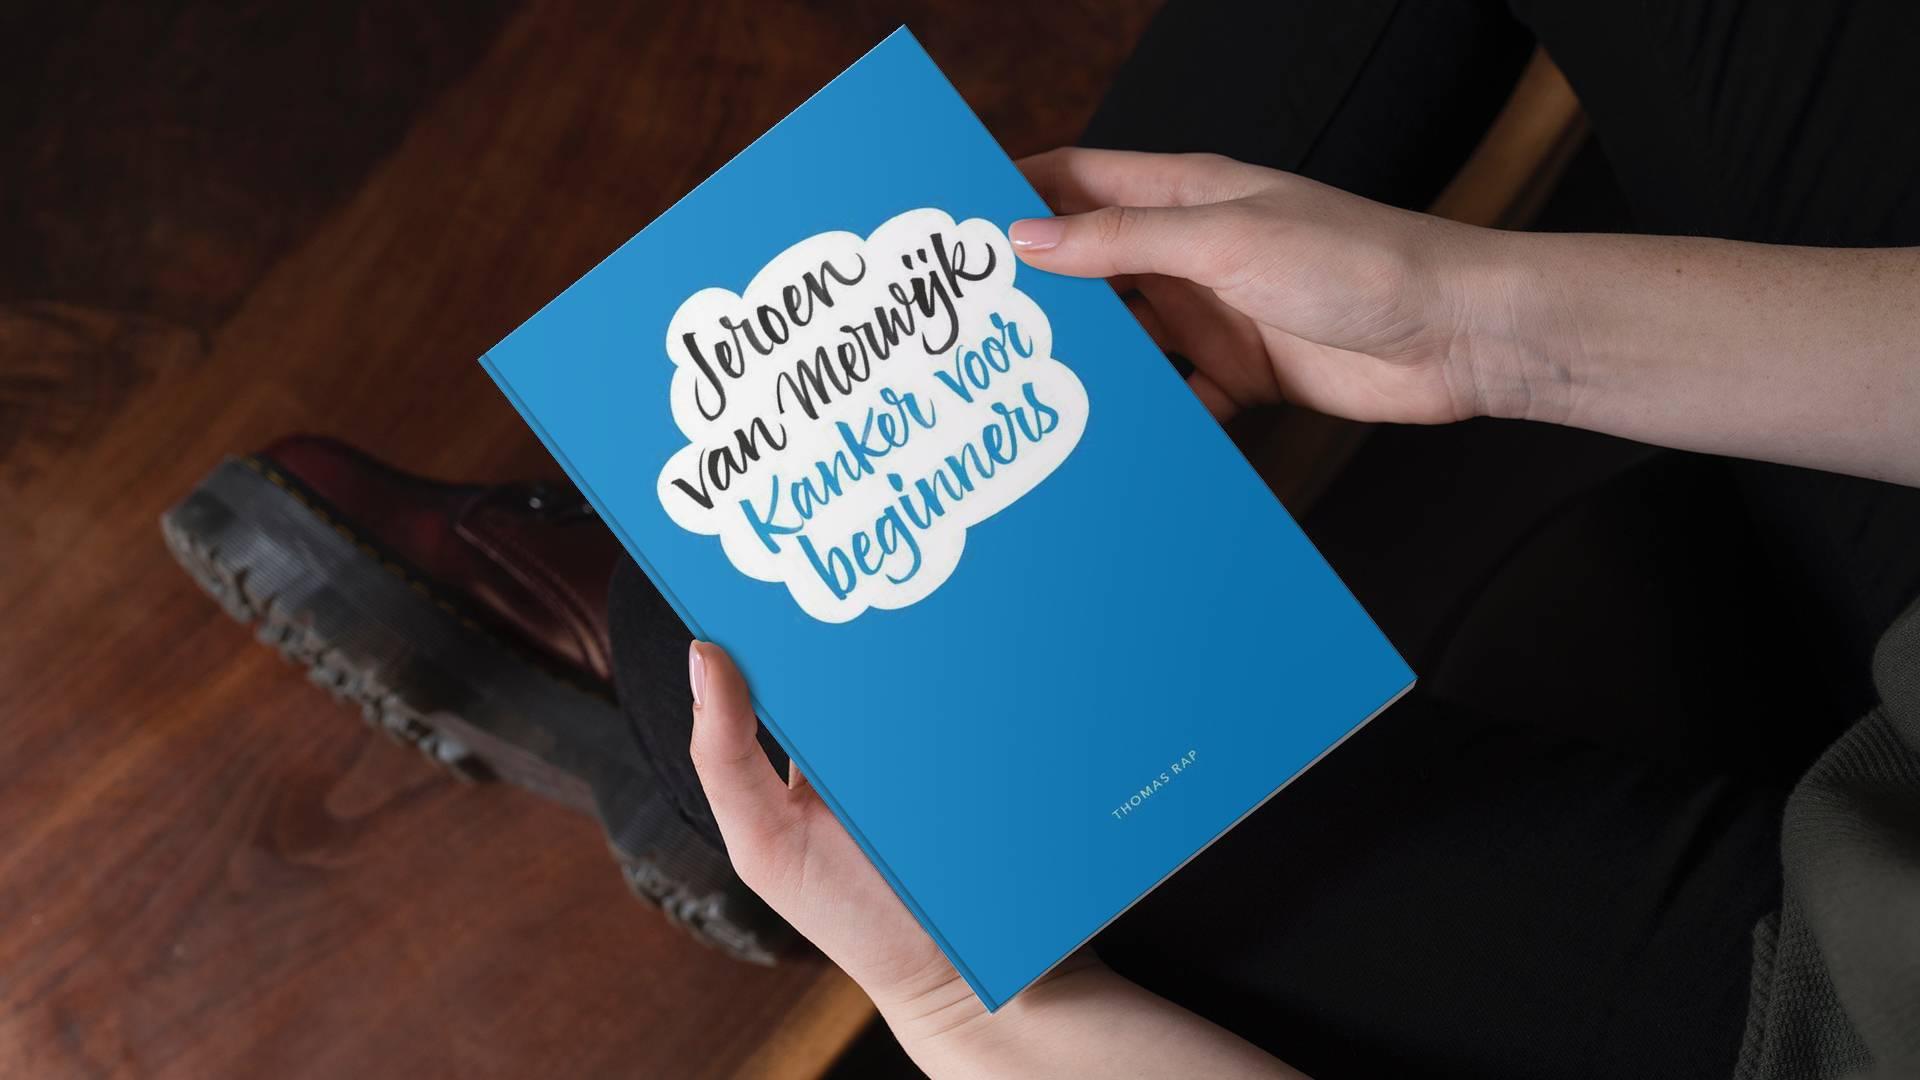 Boek 'Kanker voor beginners' door Jeroen van Merwijk in de handen van een man